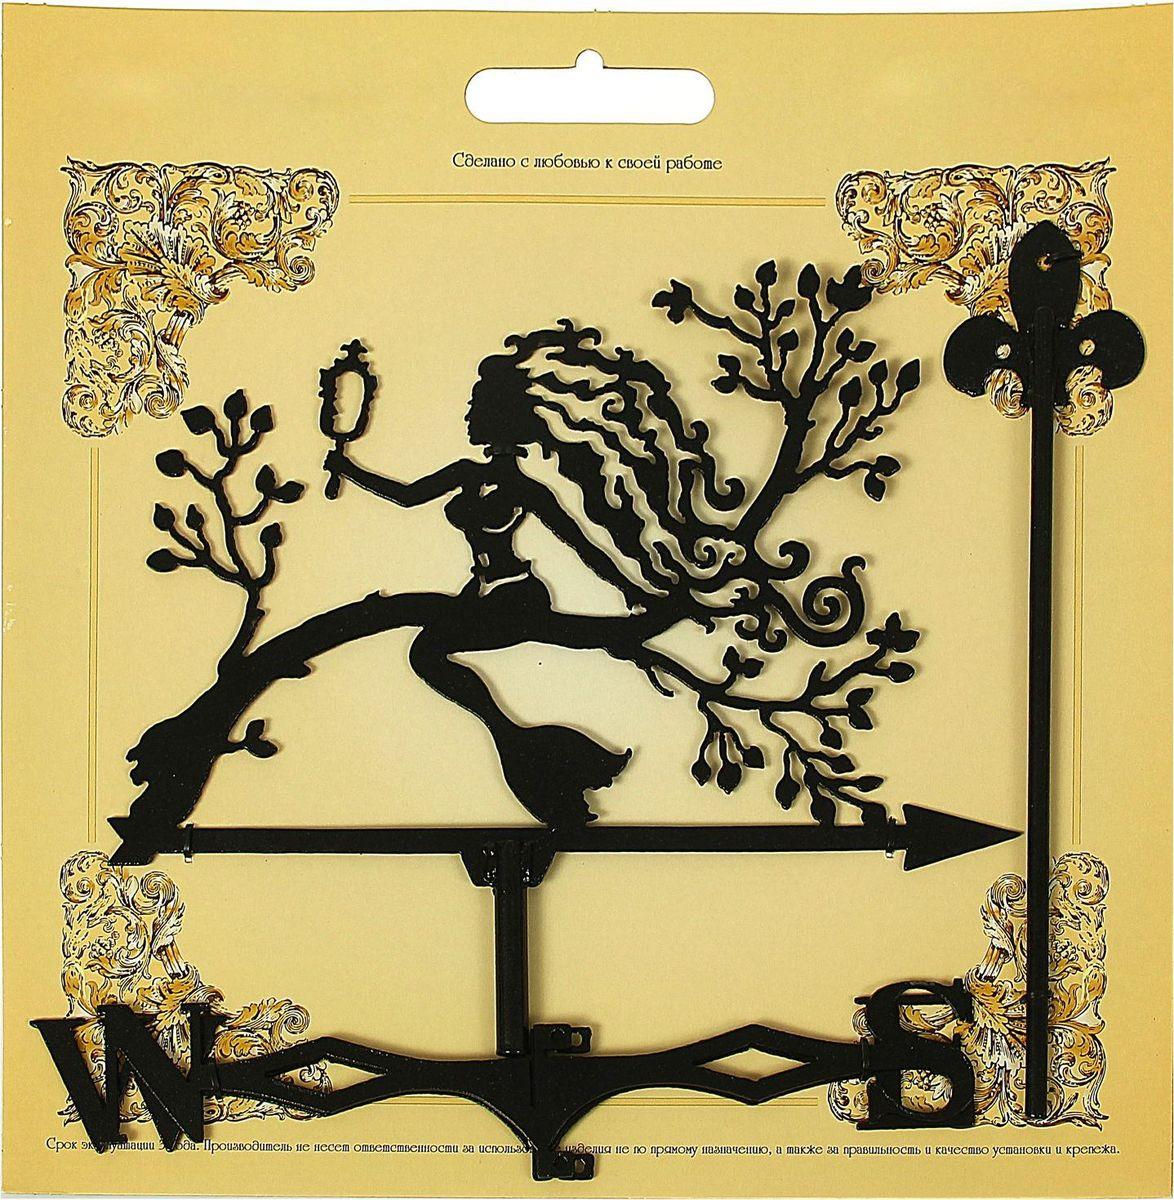 Флюгер Русалка на дереве, 30 х 40 см1335689Флюгер Русалка на дереве - это декоративный элемент и прибор, с помощью которого определяют направление ветра. Его устанавливают на самом высоком открытом месте: крышах зданий, беседках, башнях. Флюгер Русалка на дереве изготовлен из листового металла толщиной 1,5 мм, сверху обработан антикоррозийной краской. Изделие включает неподвижный шпиль, флажок и указатель сторон света.